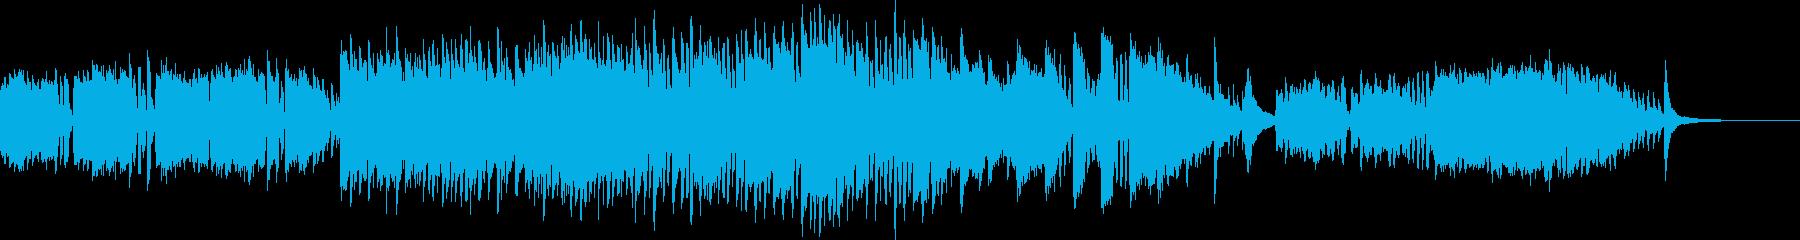 オカリナが哀愁を誘うエスニック曲の再生済みの波形